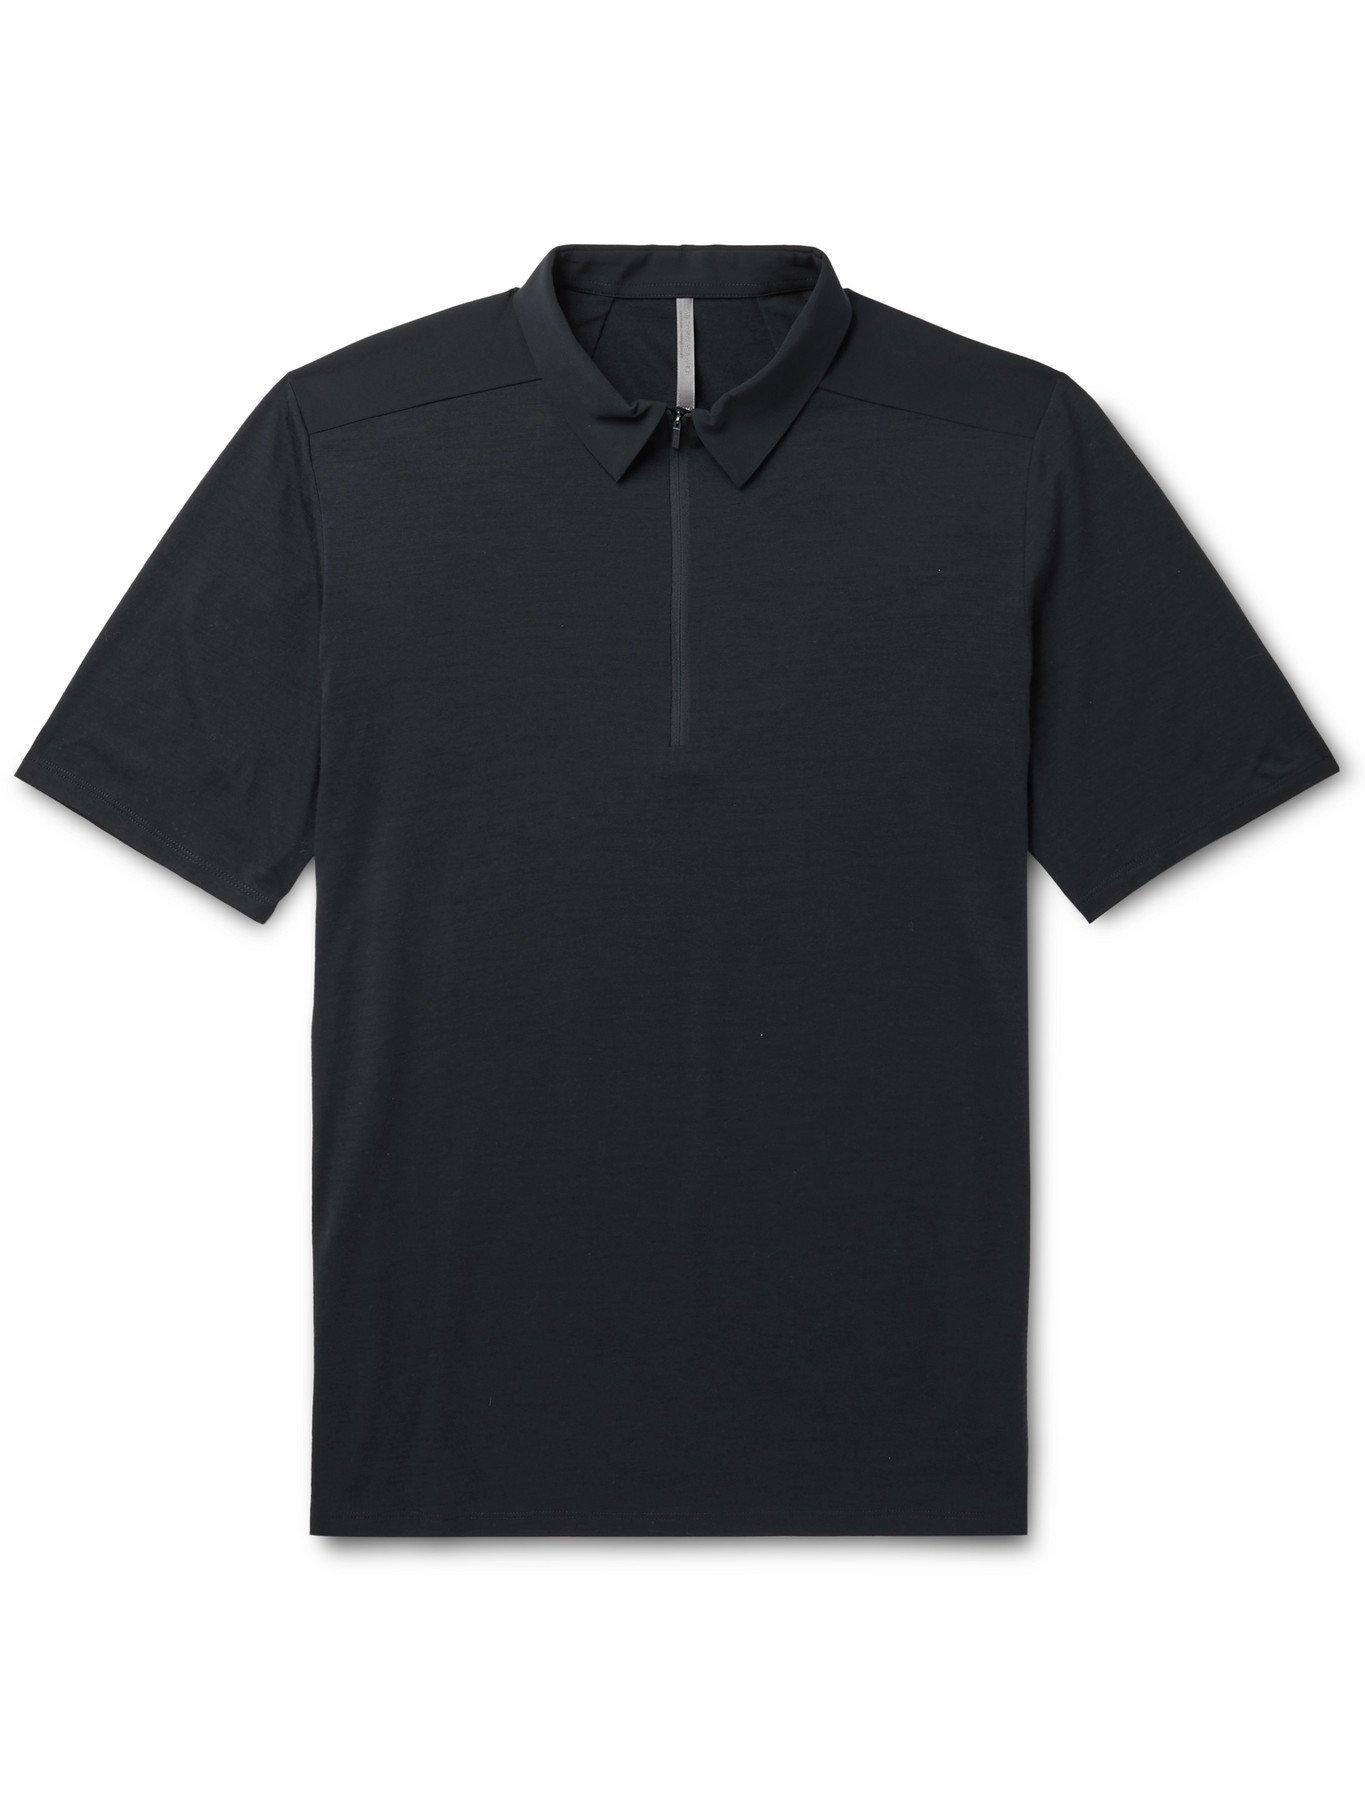 VEILANCE - Frame Shell-Trimmed Wool-Blend Polo Shirt - Blue